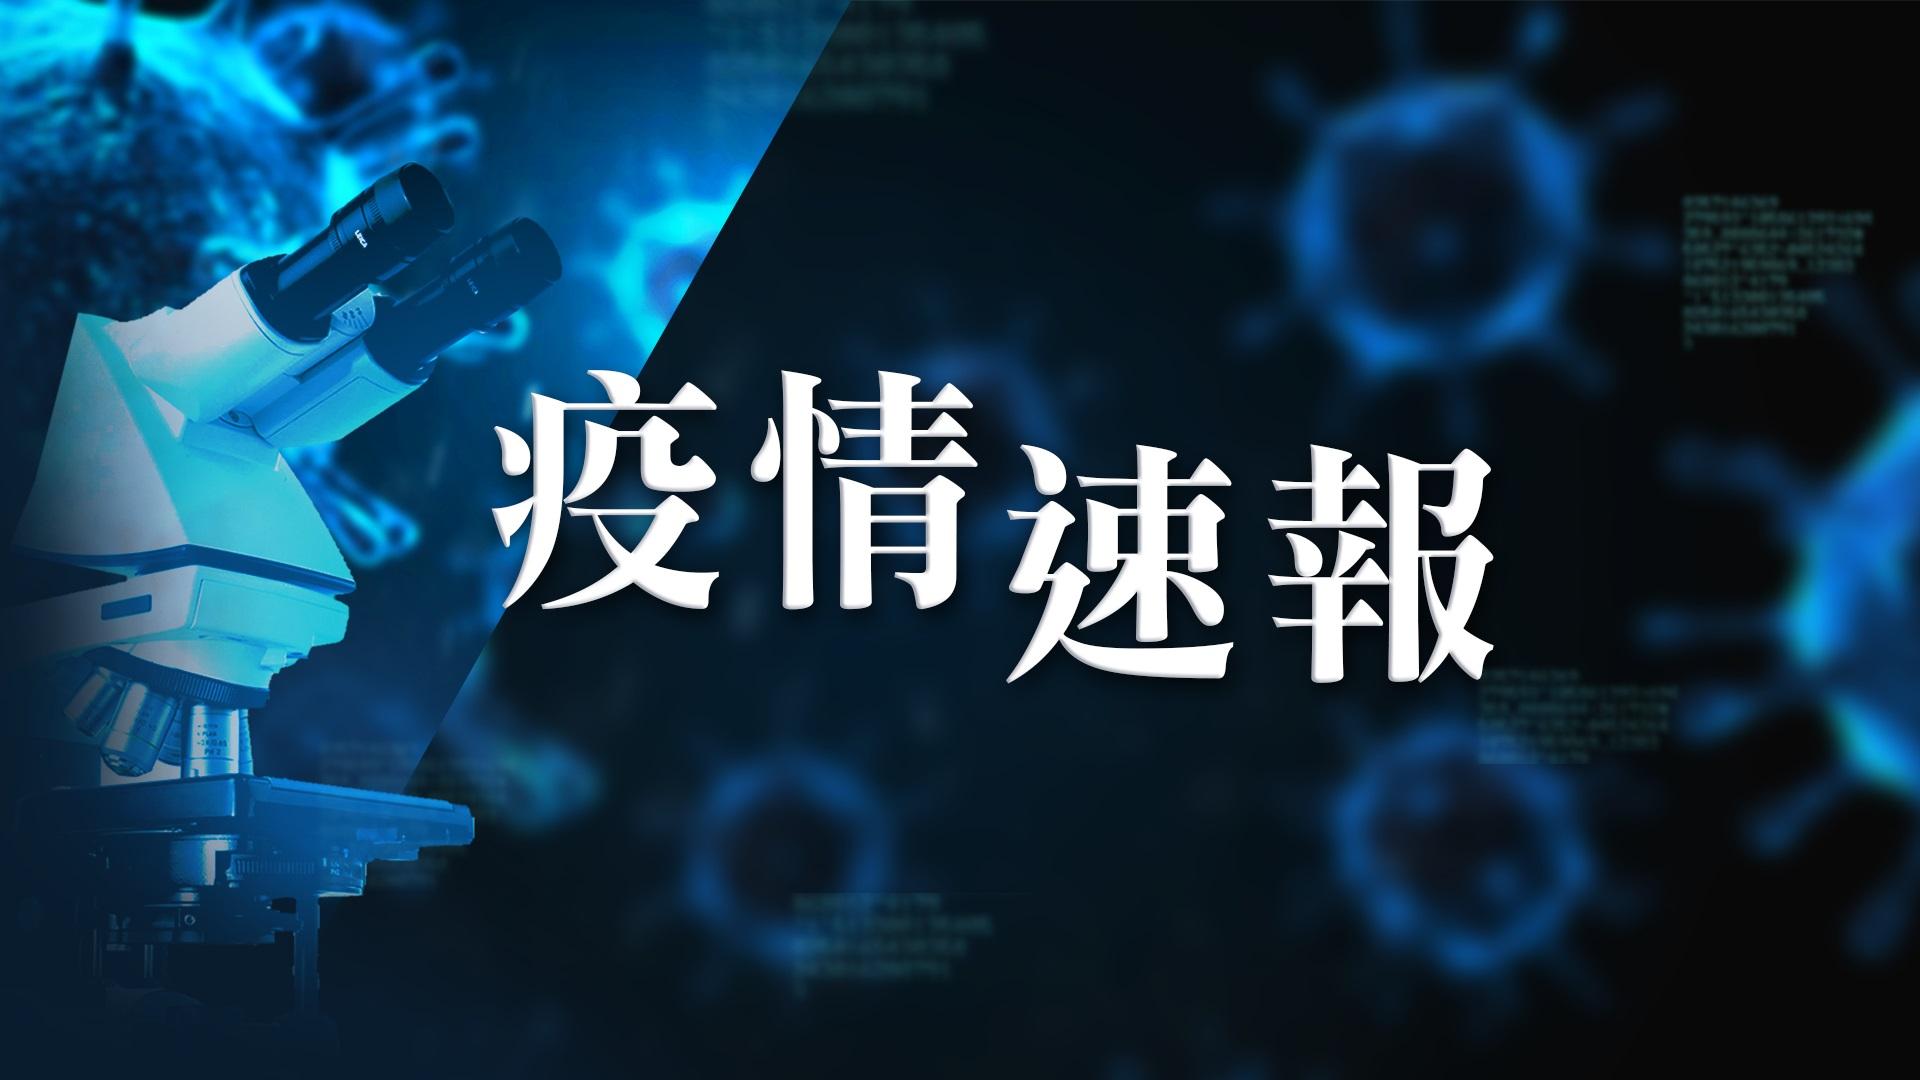 【7月4日疫情速報】 (23:00)